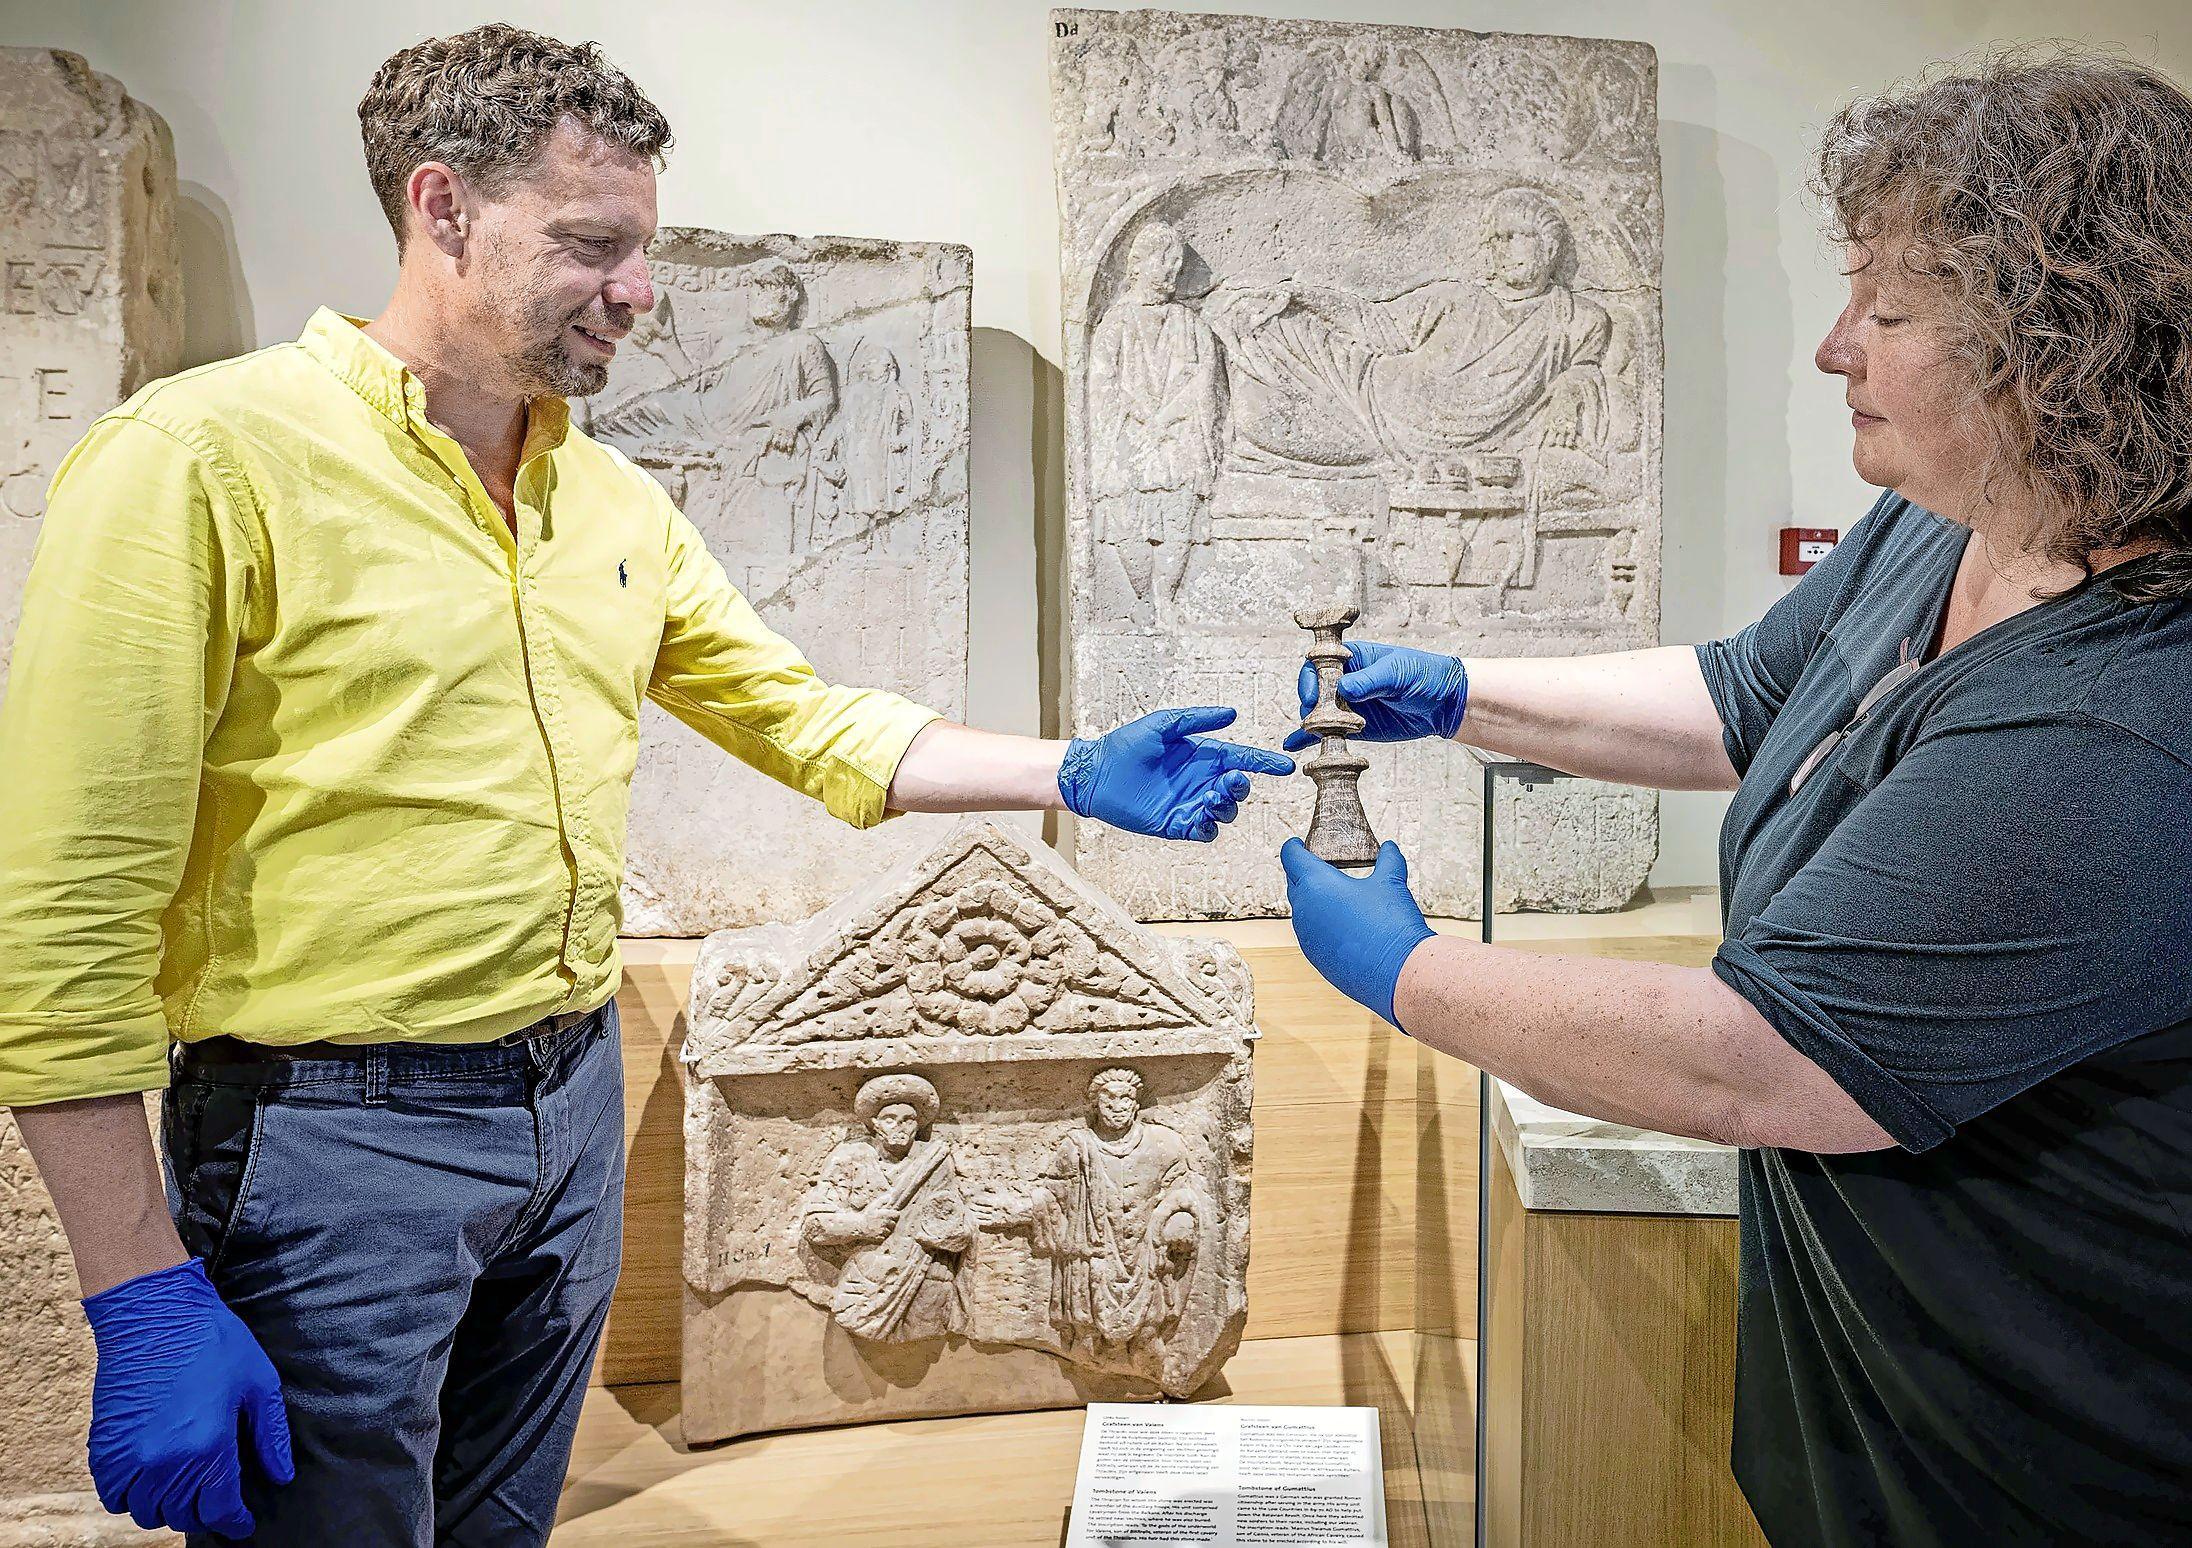 Fort Velsen herontdekt: er leefden vrouwen en kinderen en het leven was er comfortabeler - in elk geval voor de Romeinse officieren